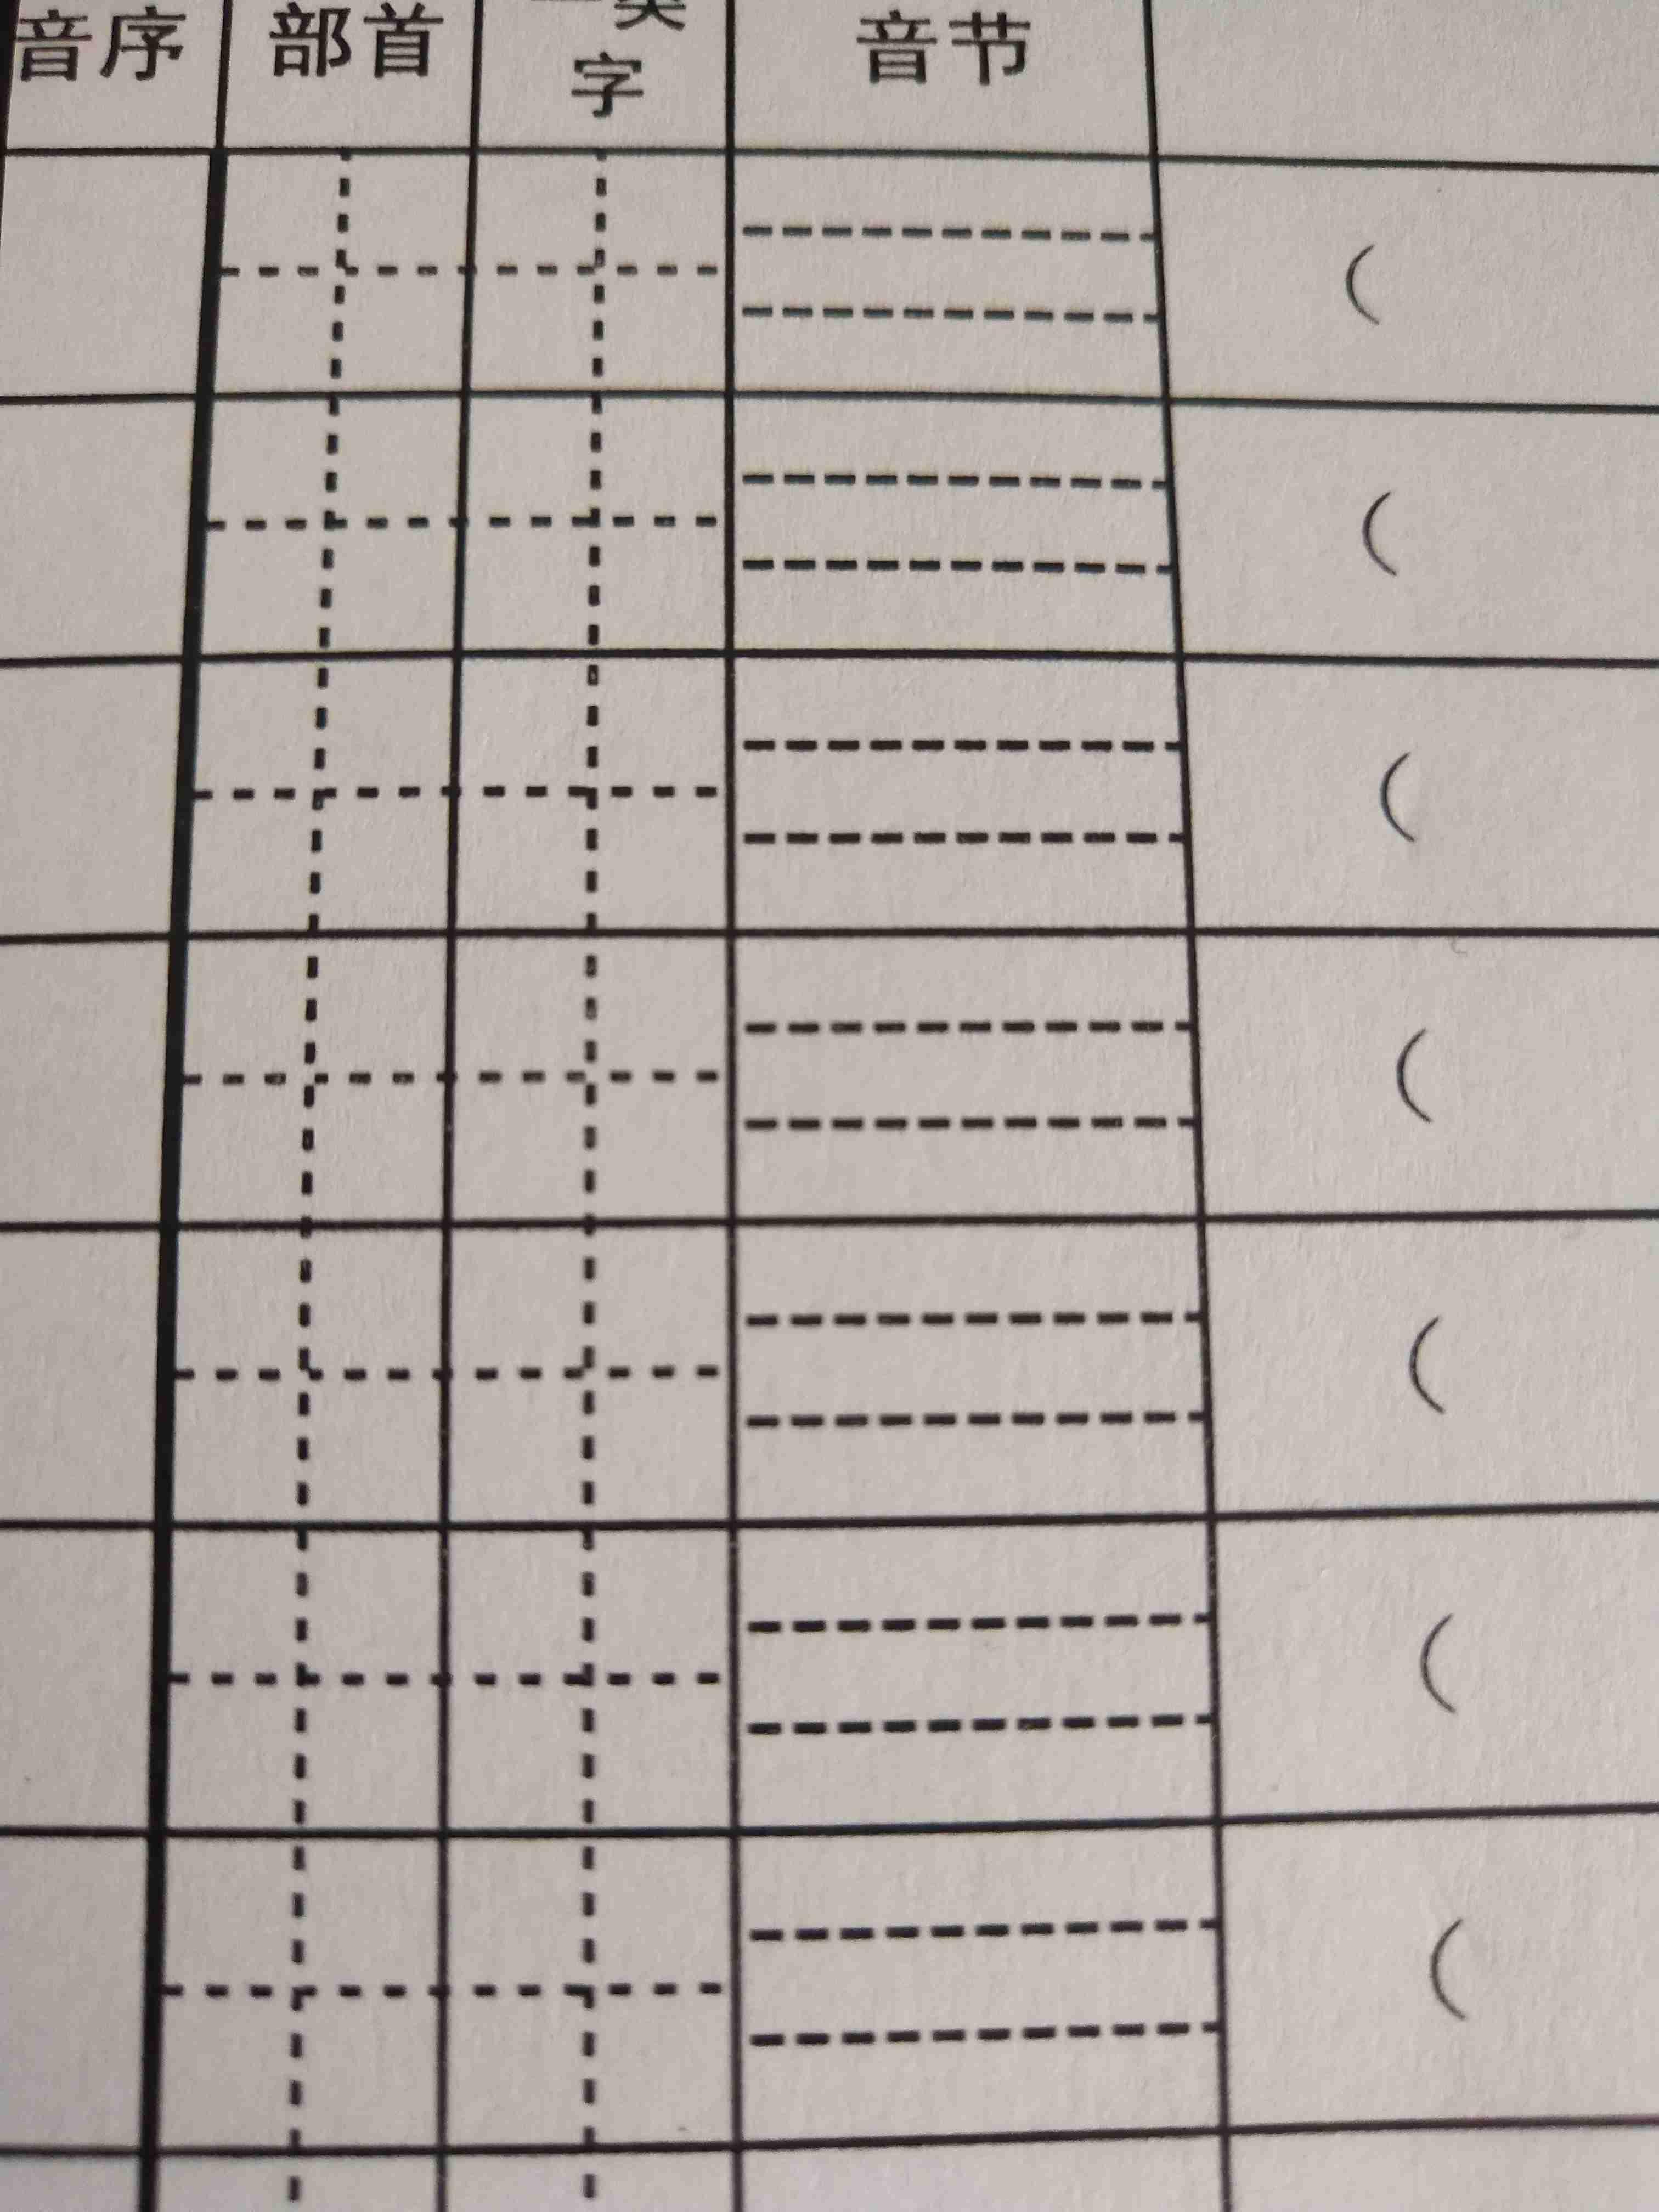 怎样把田字格和拼音格放在一列图片